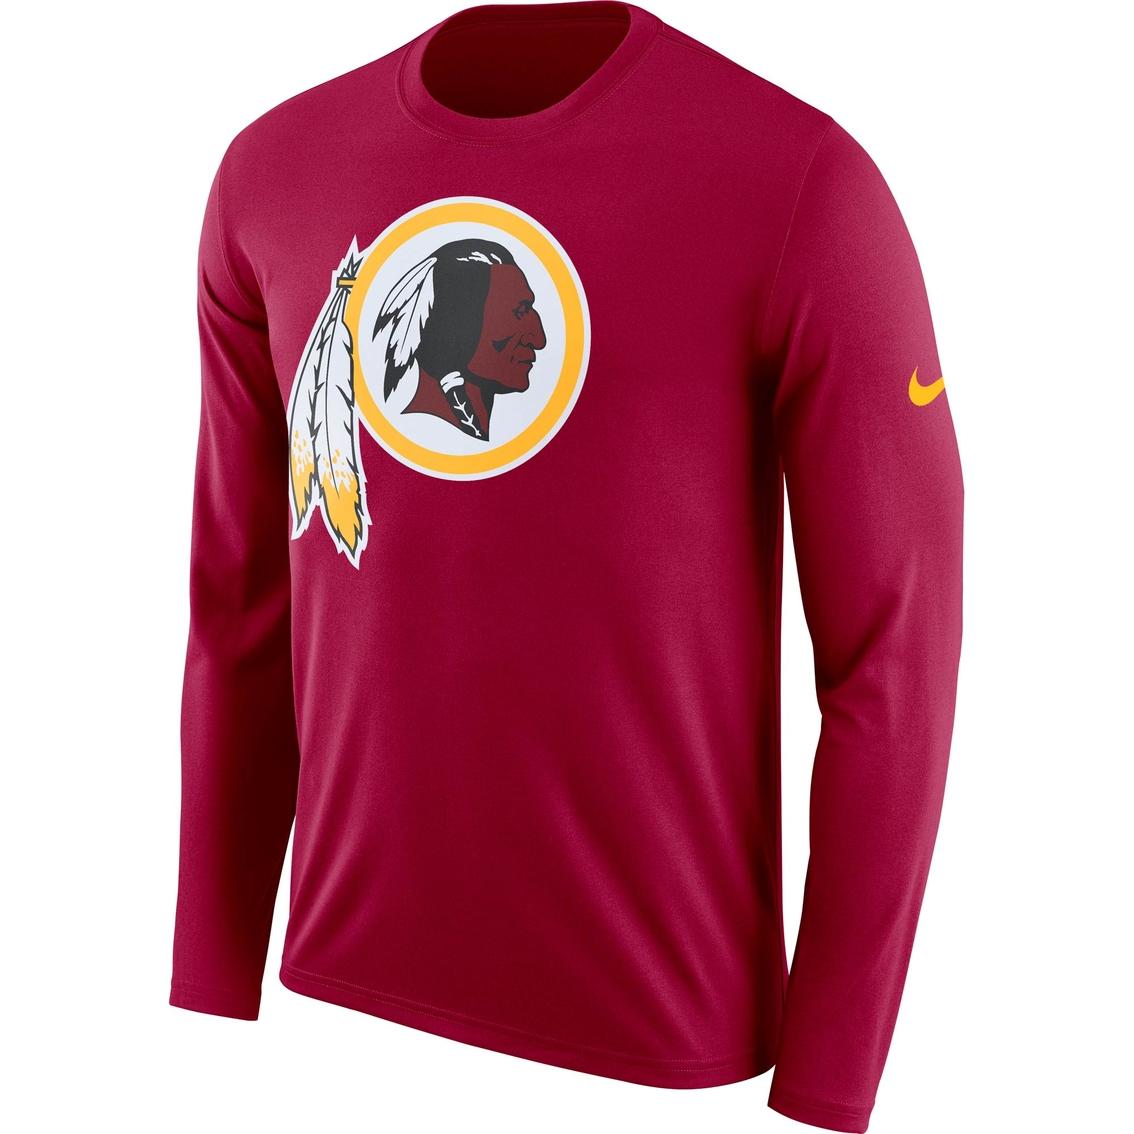 Nike Nfl Washington Redskins Logo Tee  f55cc568a